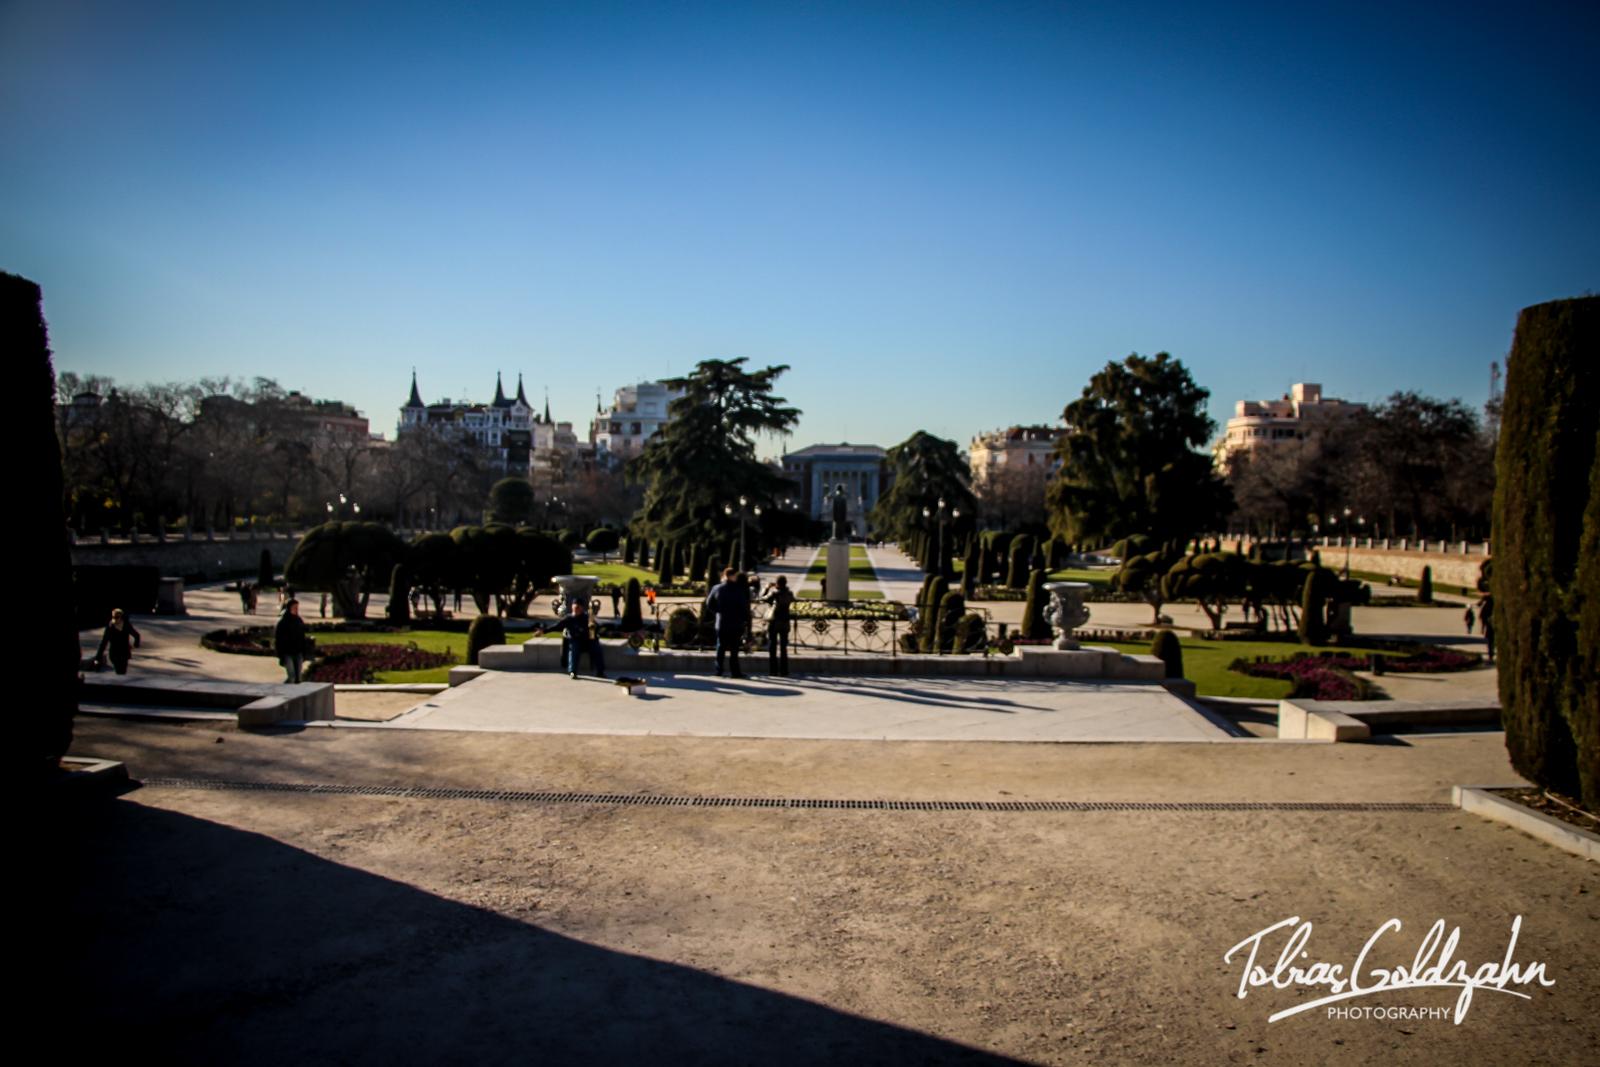 Plaza Parterre@Parque del Retiro, Madrid, Spain